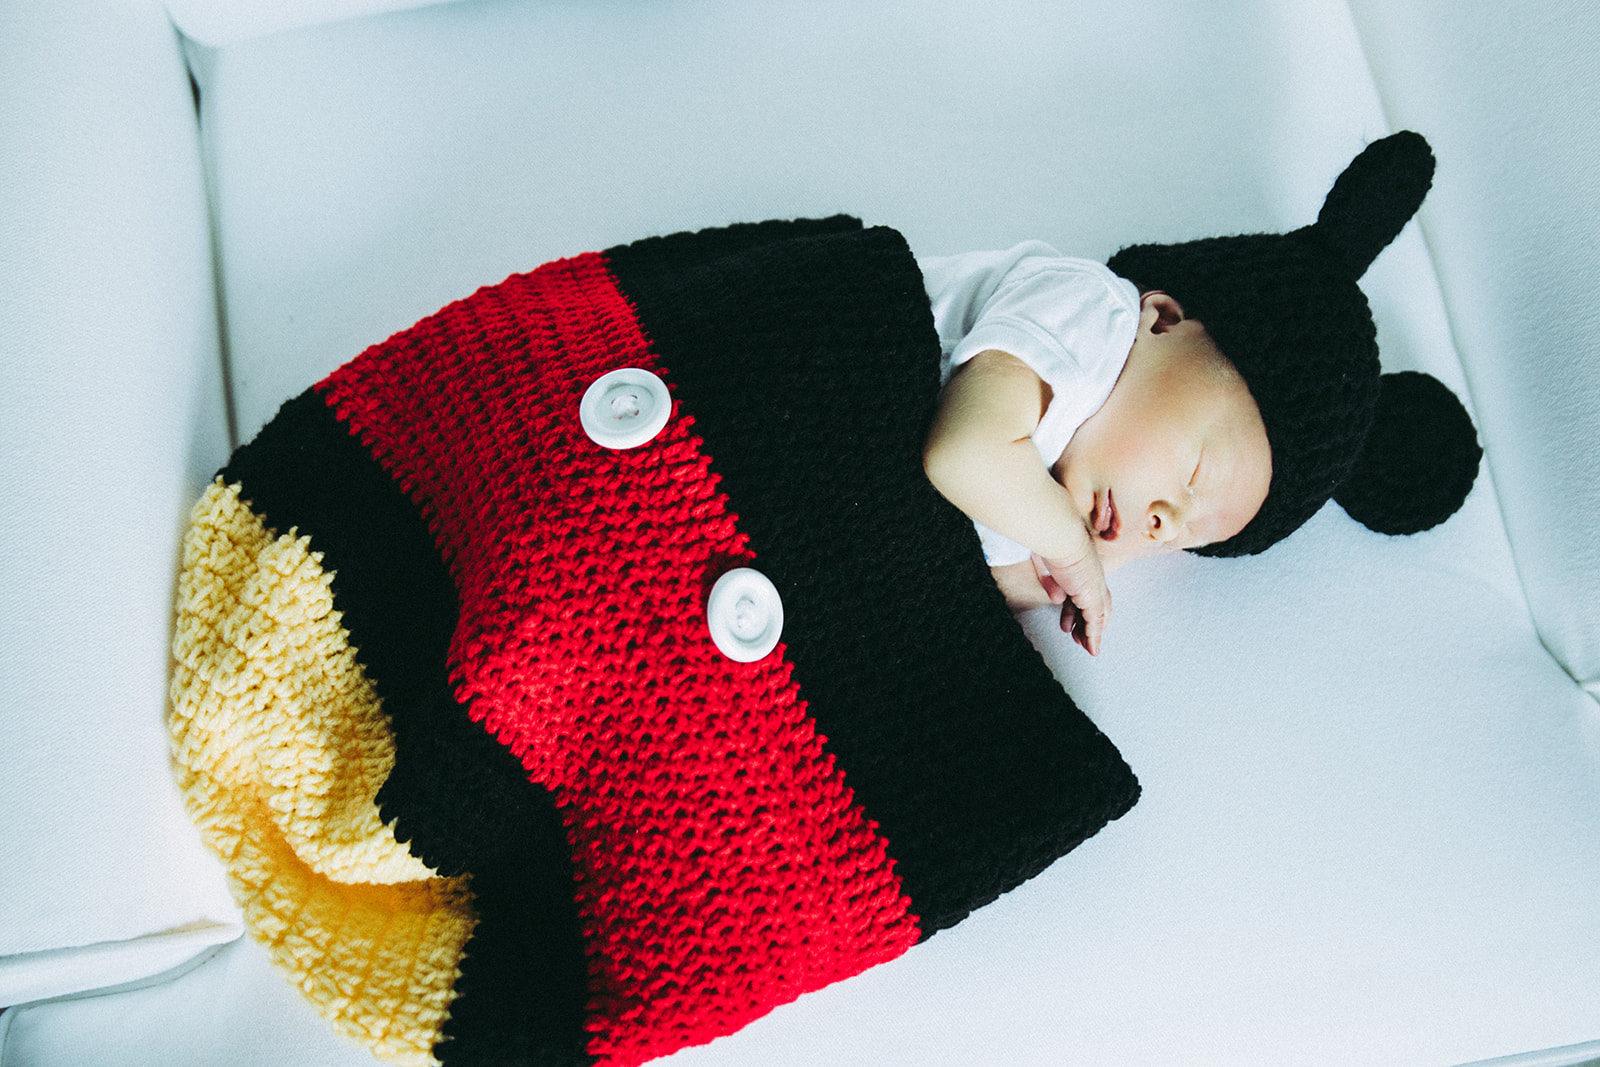 baby+vonier+newborn-11.jpg